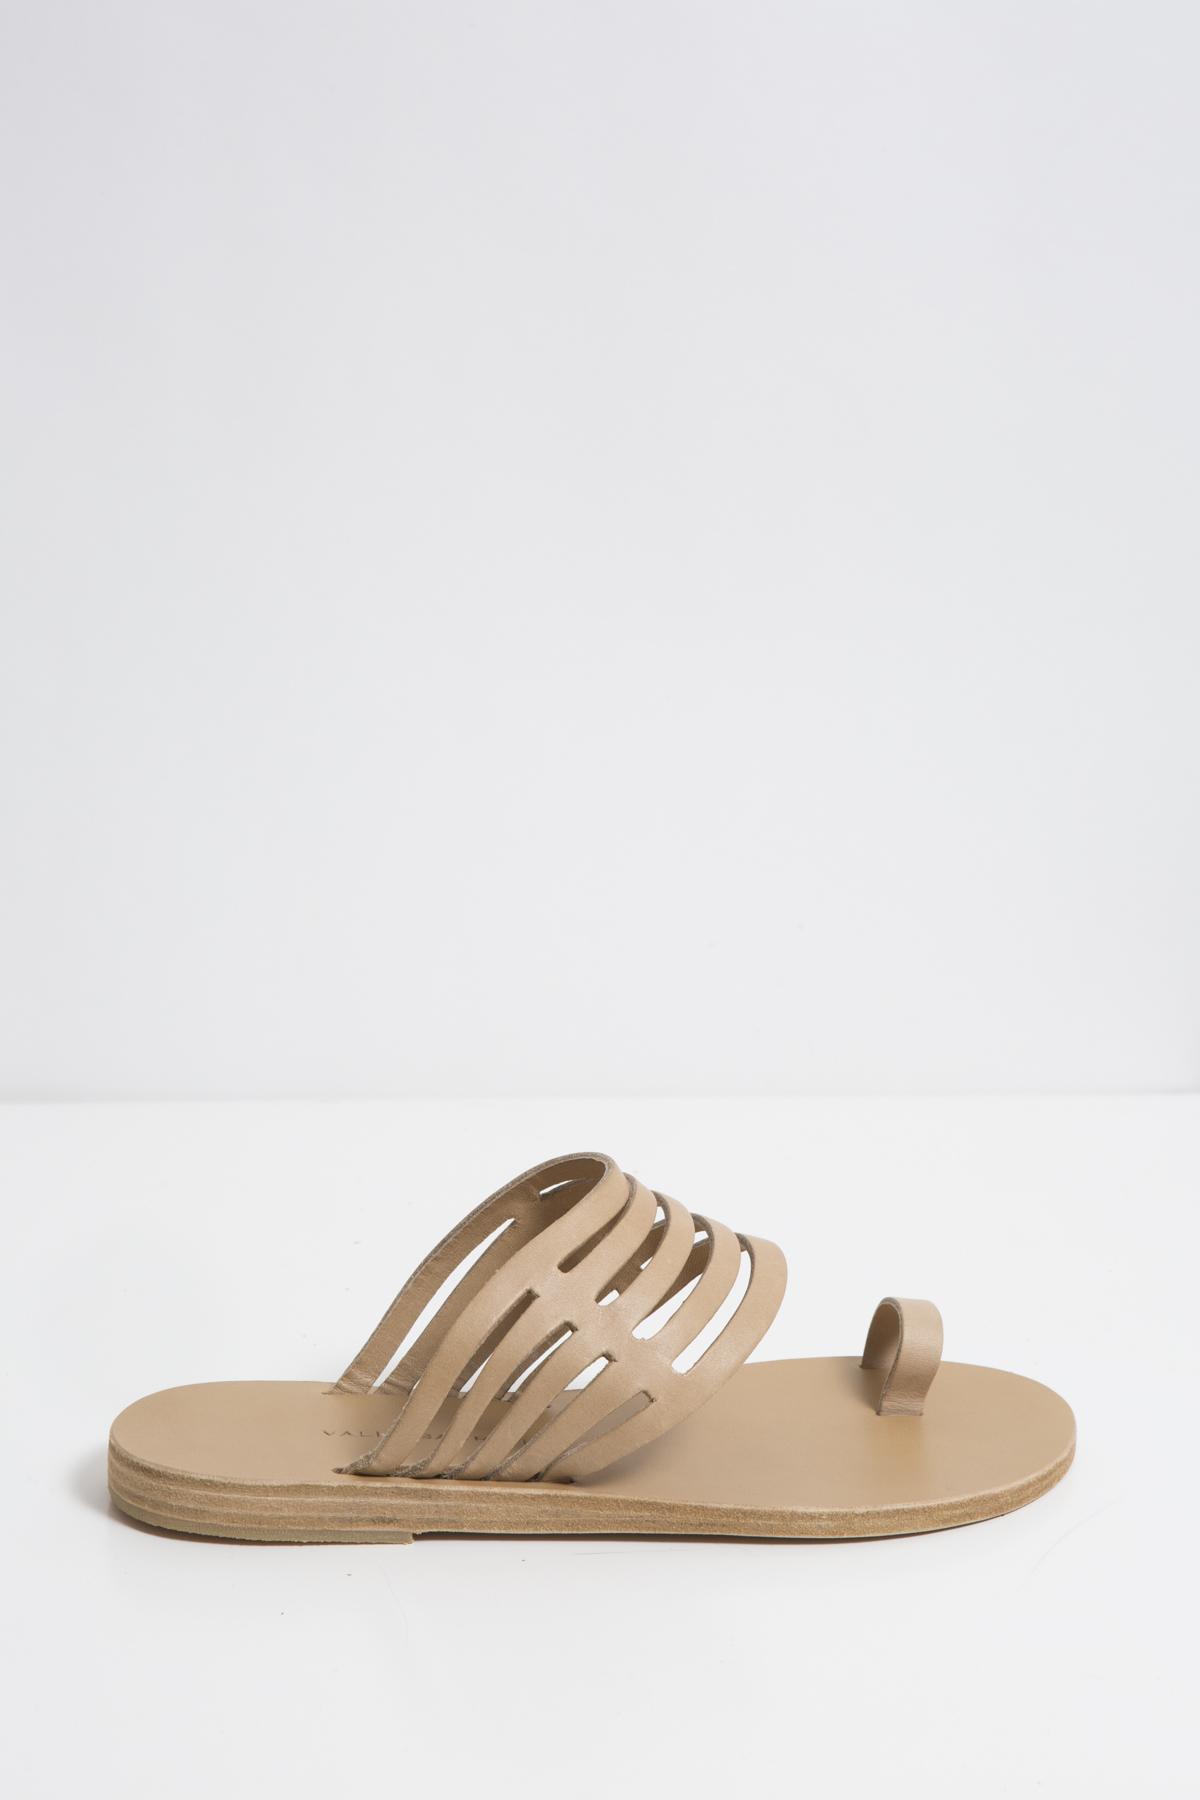 cocobay-olive-leather-sandals-valia-gabriel-matchboxathens